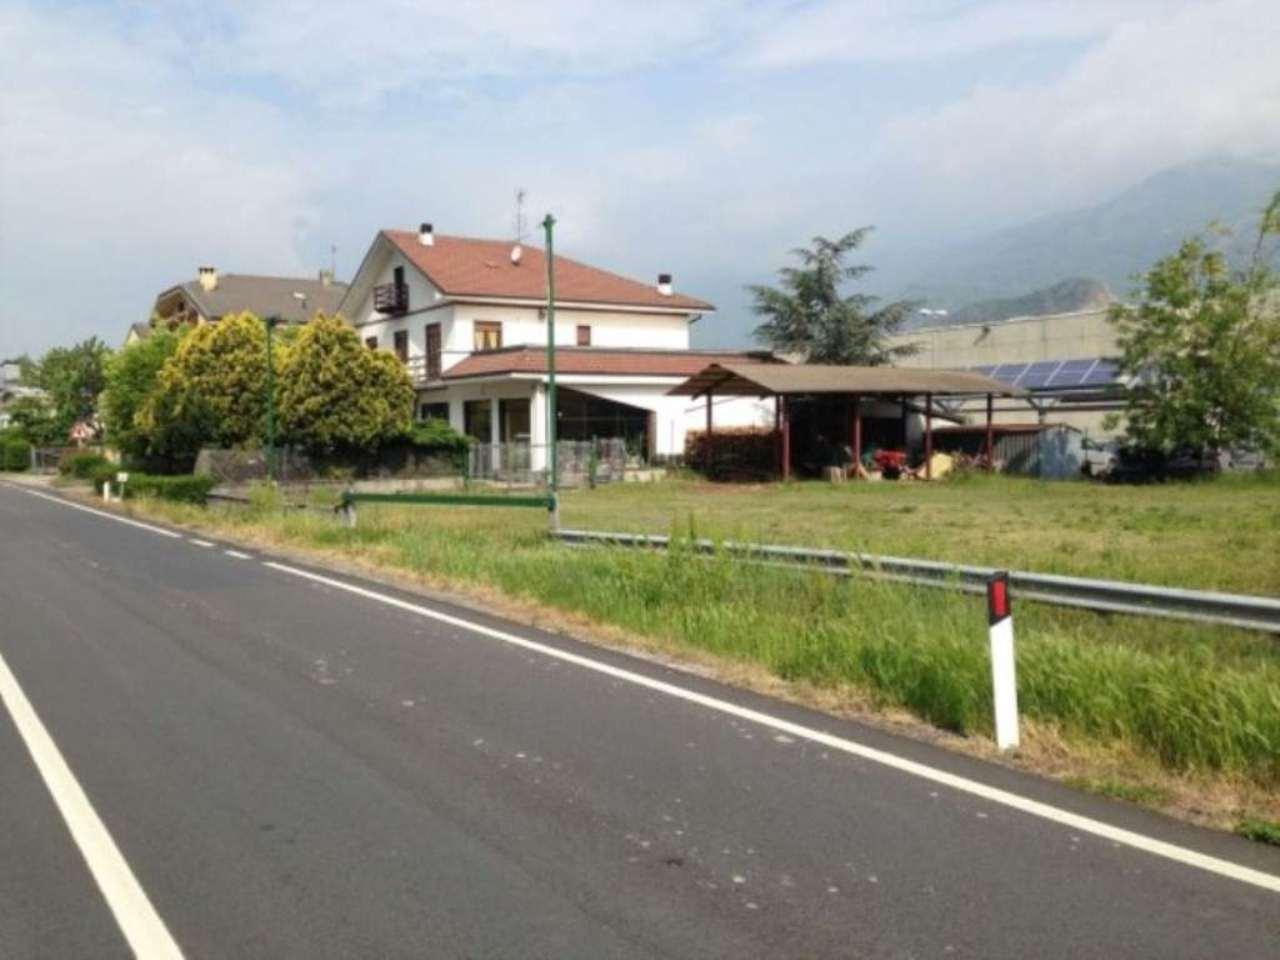 Negozio / Locale in vendita a Chiusa di San Michele, 6 locali, prezzo € 240.000 | Cambio Casa.it